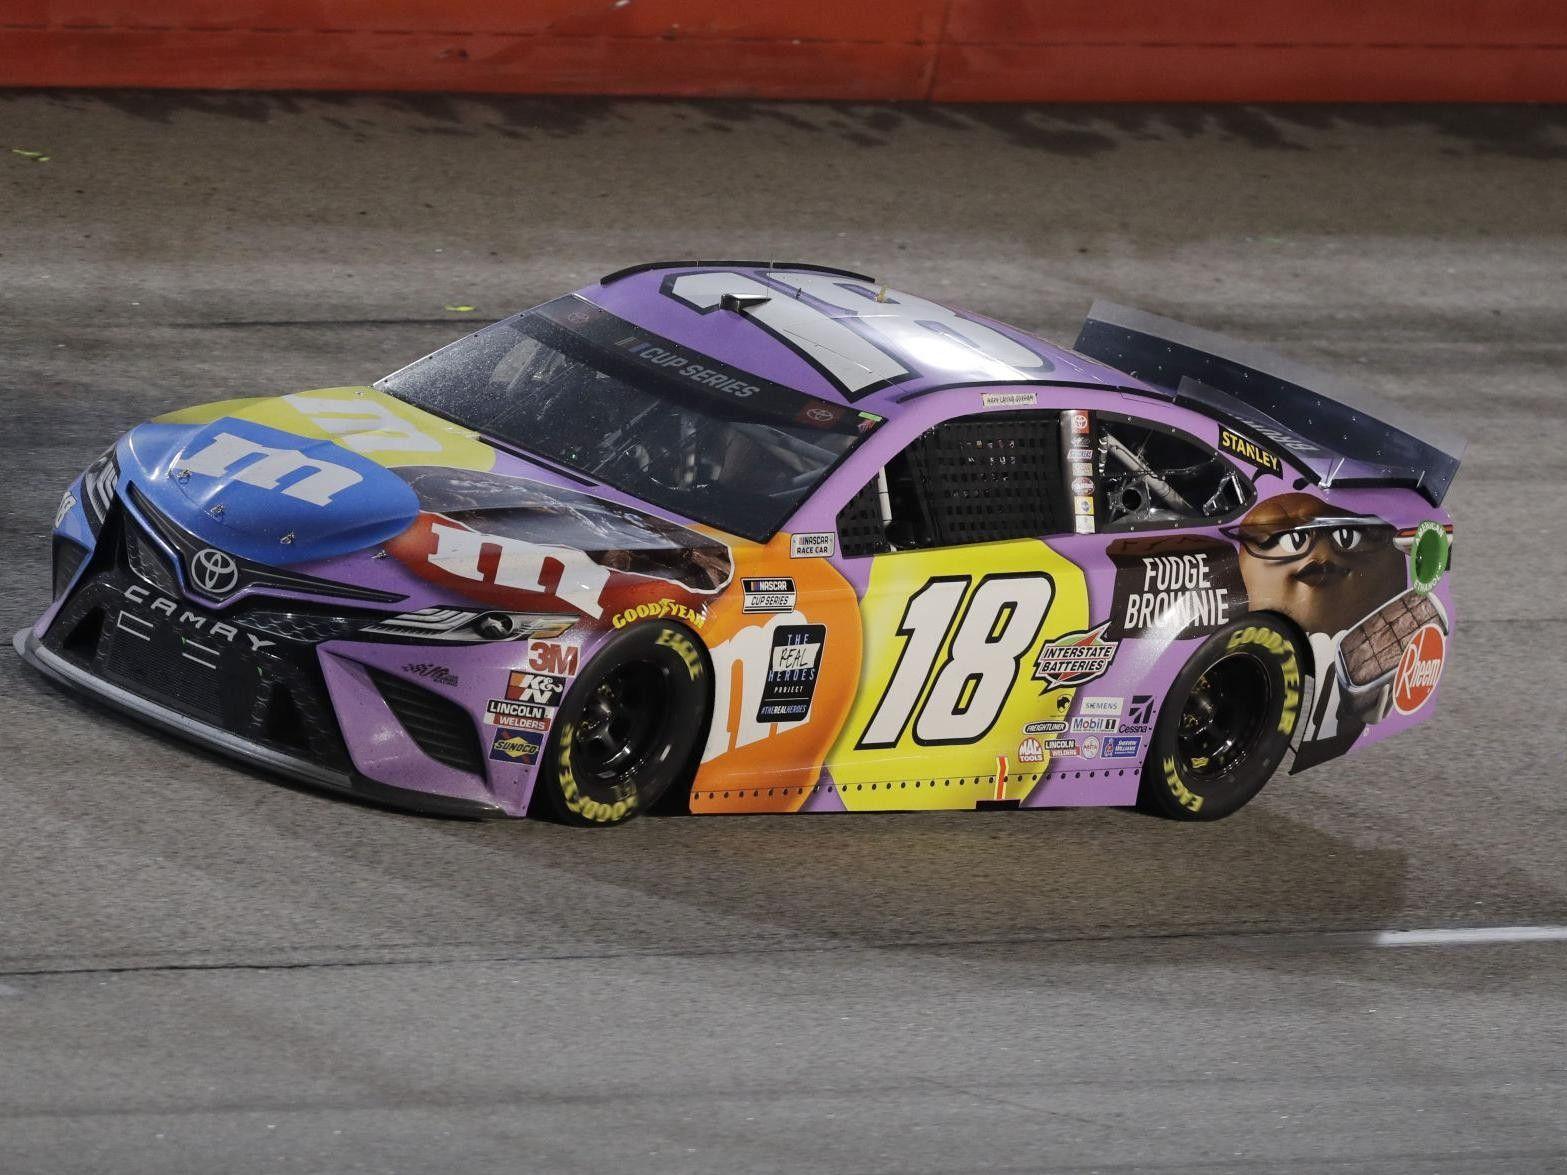 Kyle Busch 2020 Fudge Brownie M M S Car In 2020 Nascar Race Cars Nascar Cars Nascar Diecast